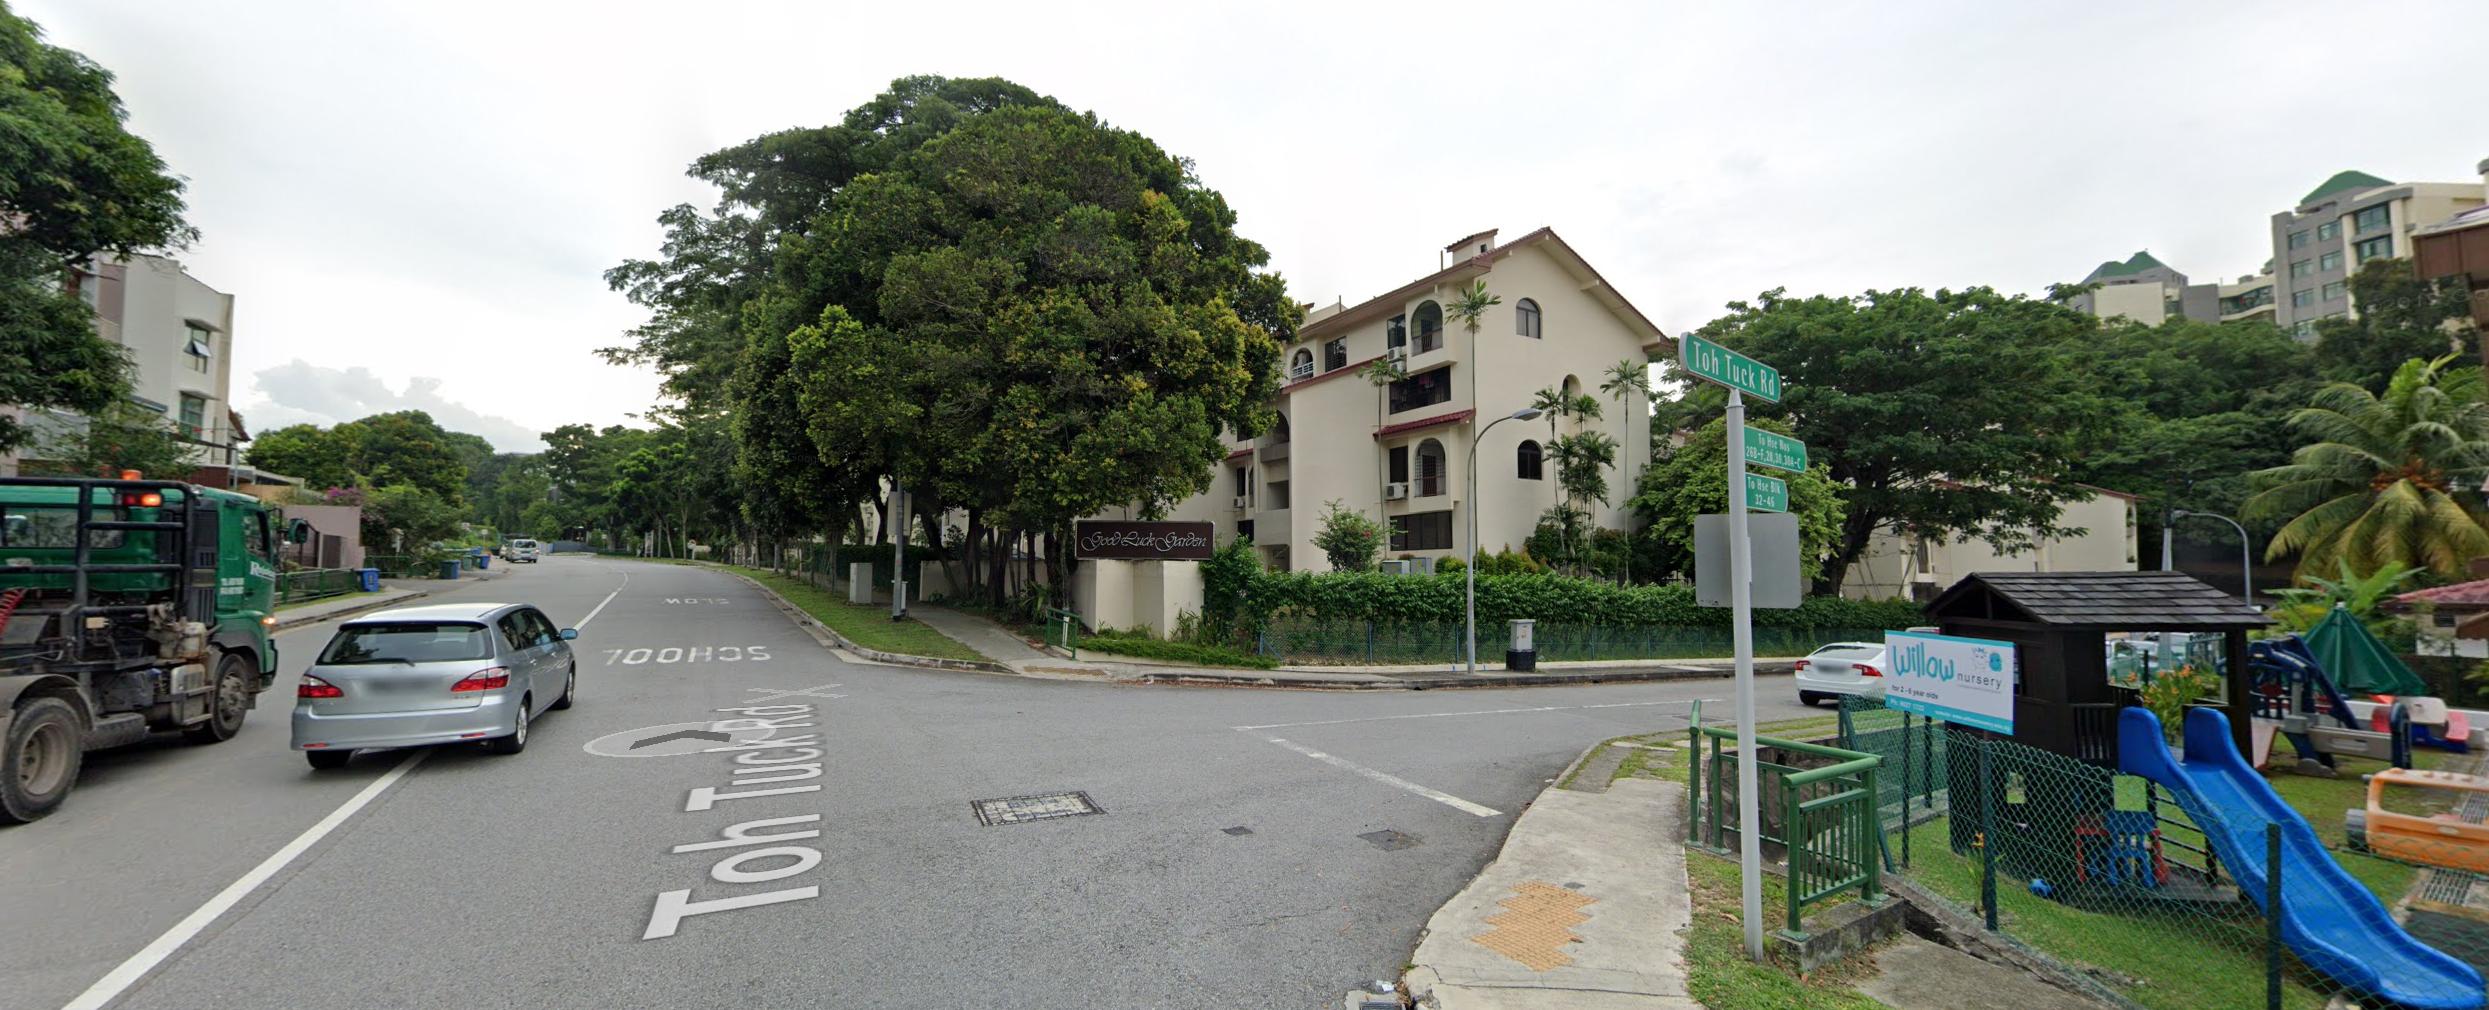 forett-at-bukit-timah-condo-former-goodluck-garden-enbloc-qingjian-singapore